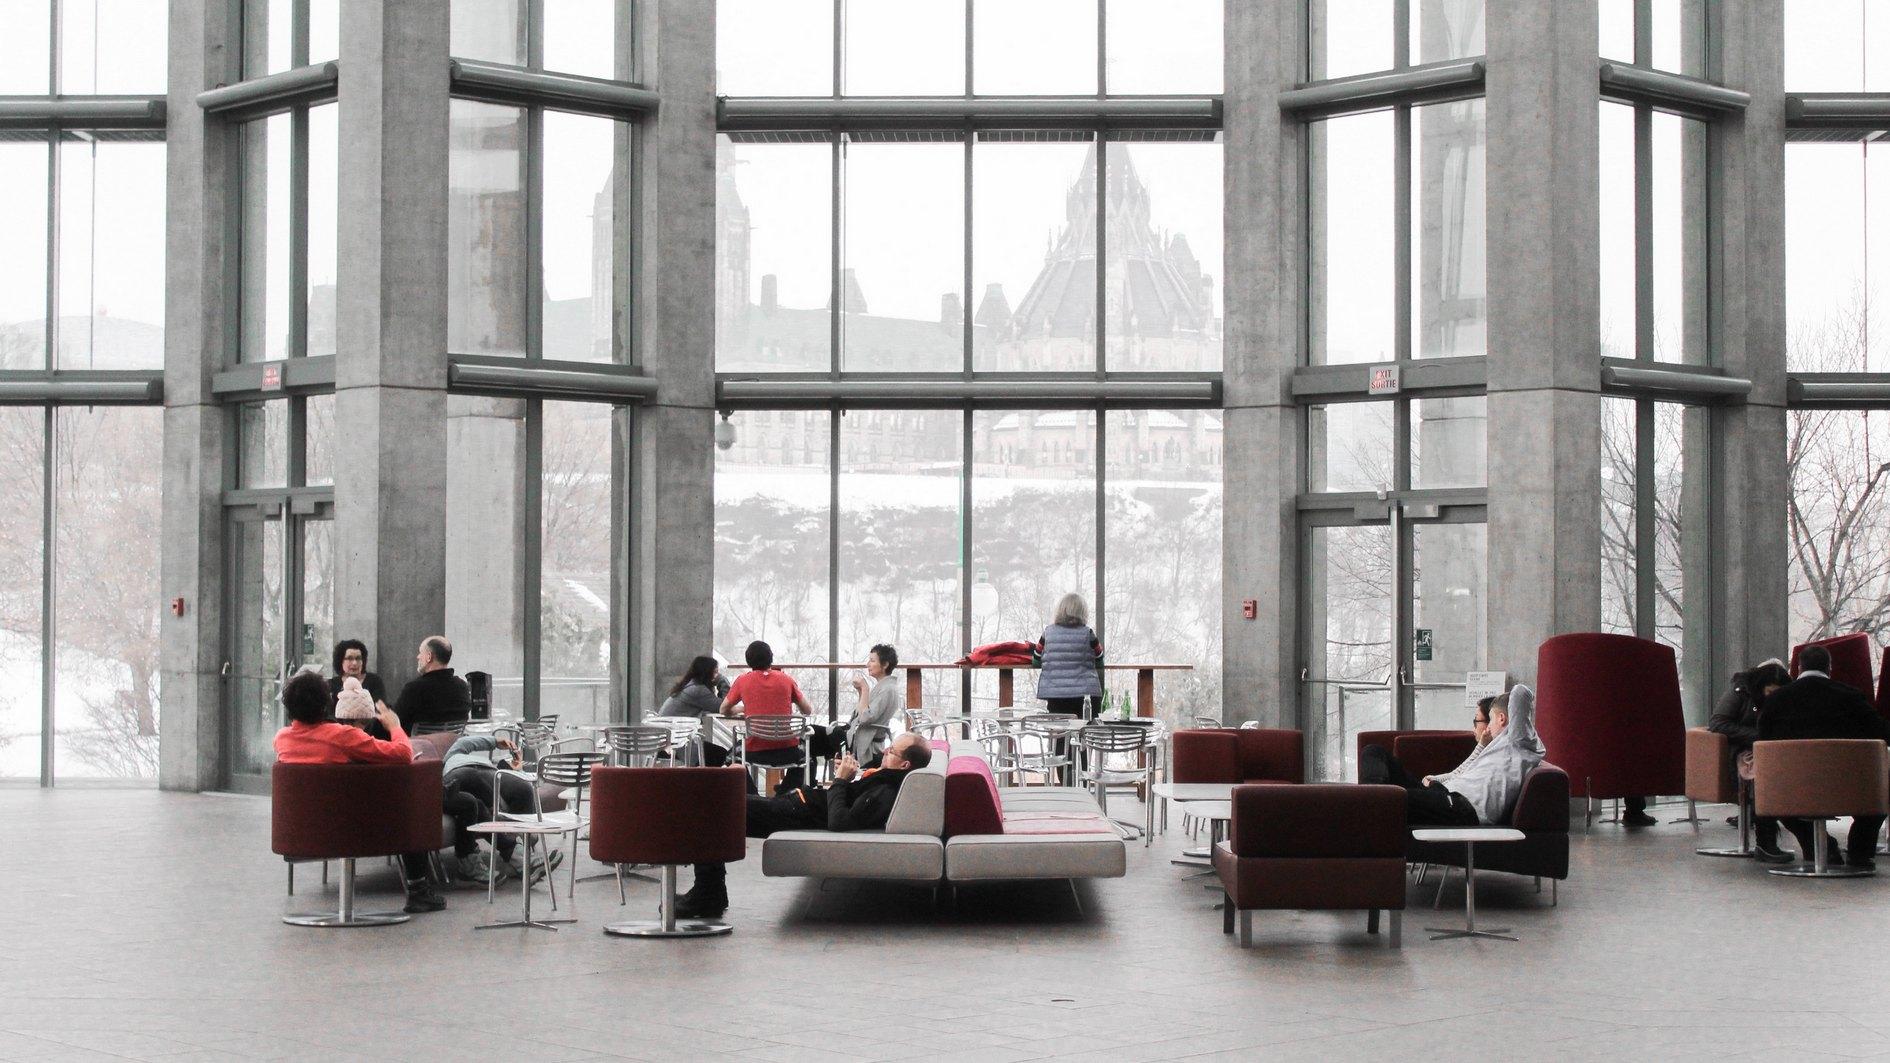 Franchise Erfahrungen relevanter Franchise Unternehmen finden